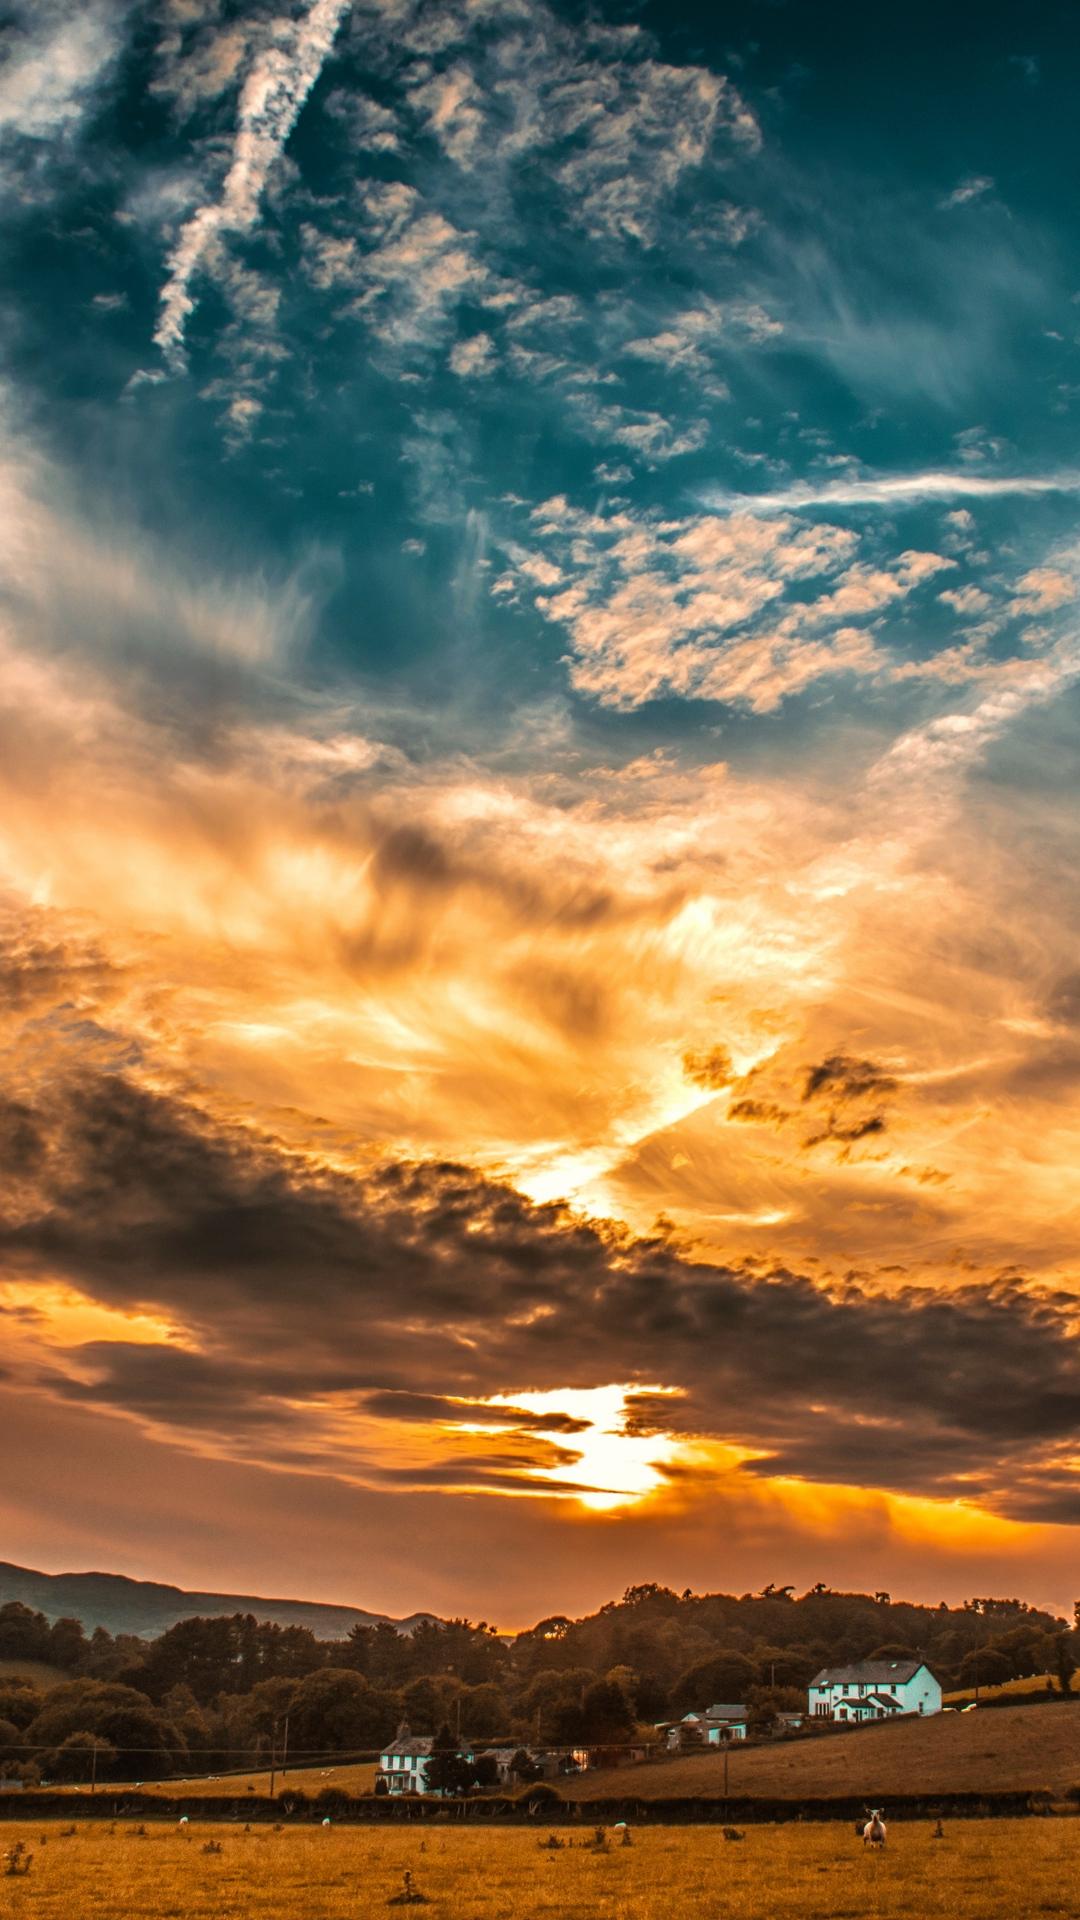 Sunset Sky Clouds Wallpaper 1080x1920